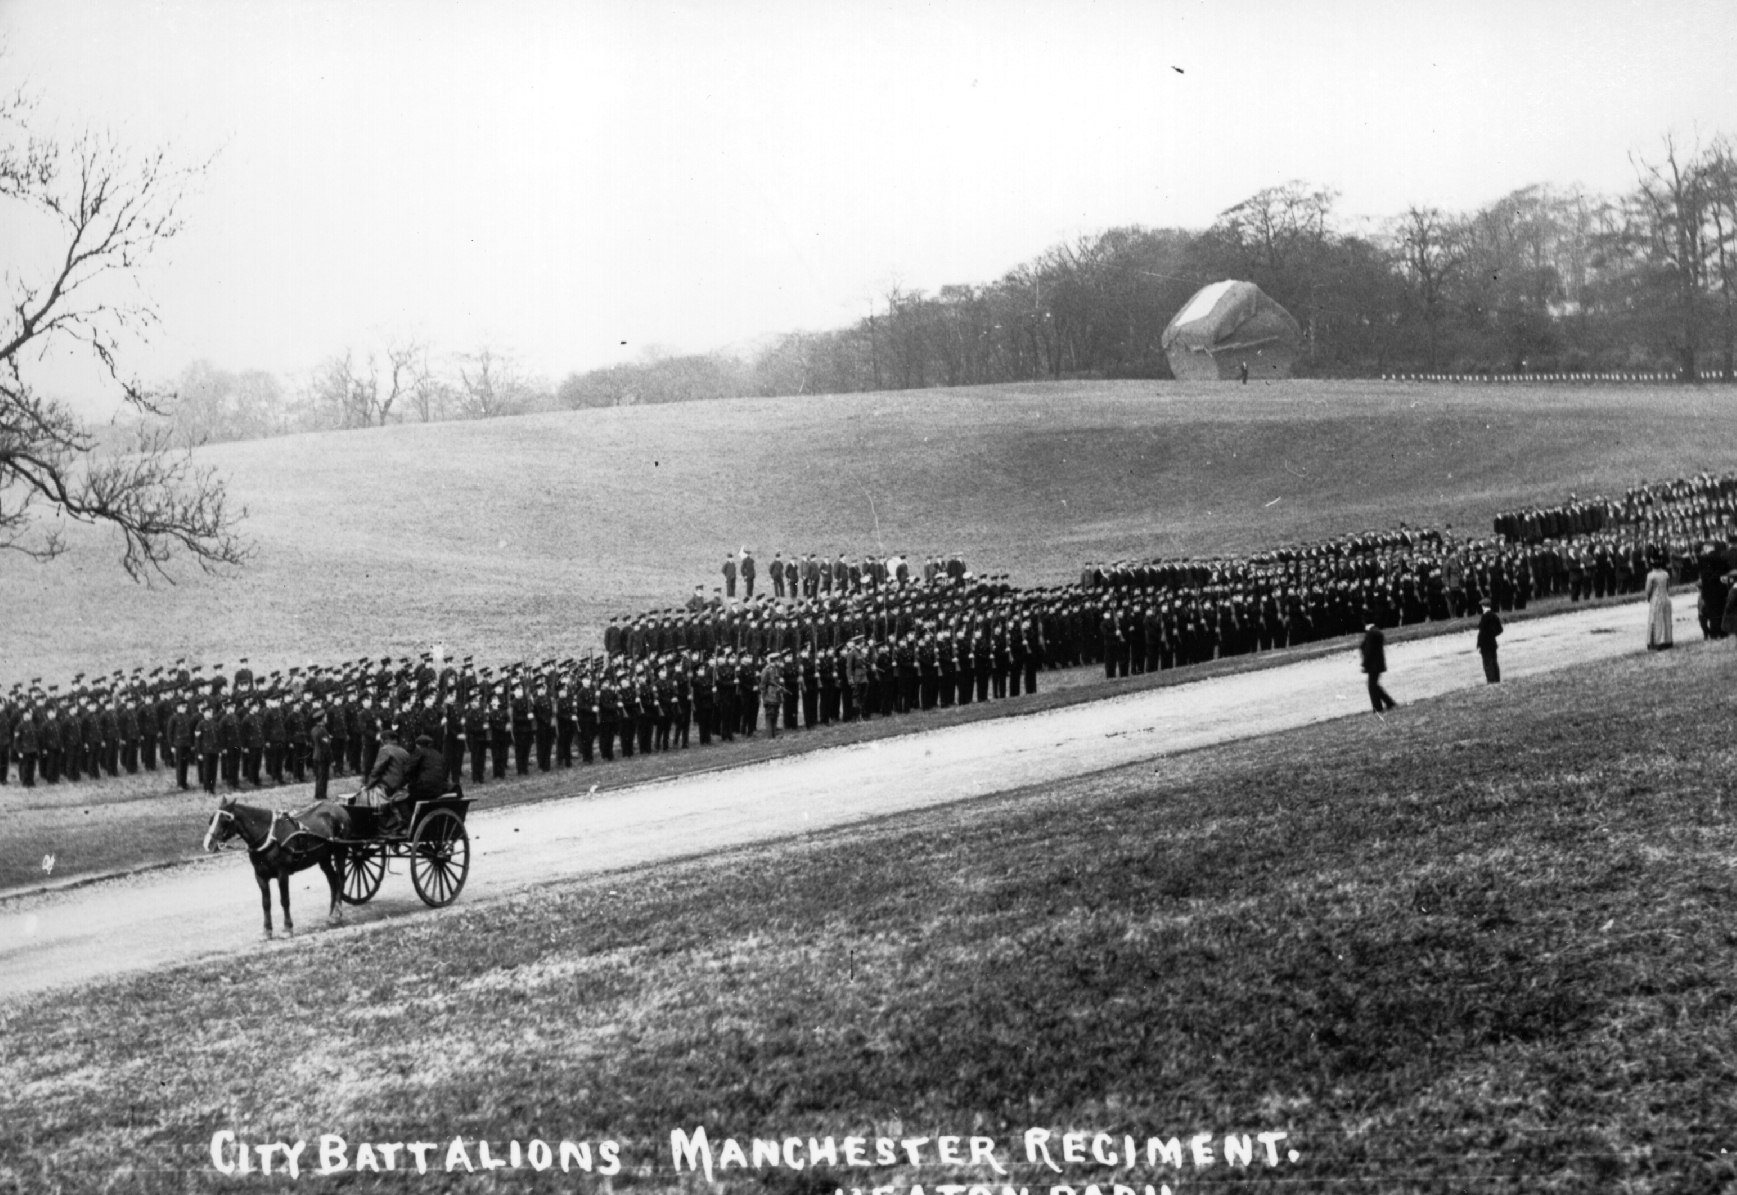 Heaton Park City Battalion